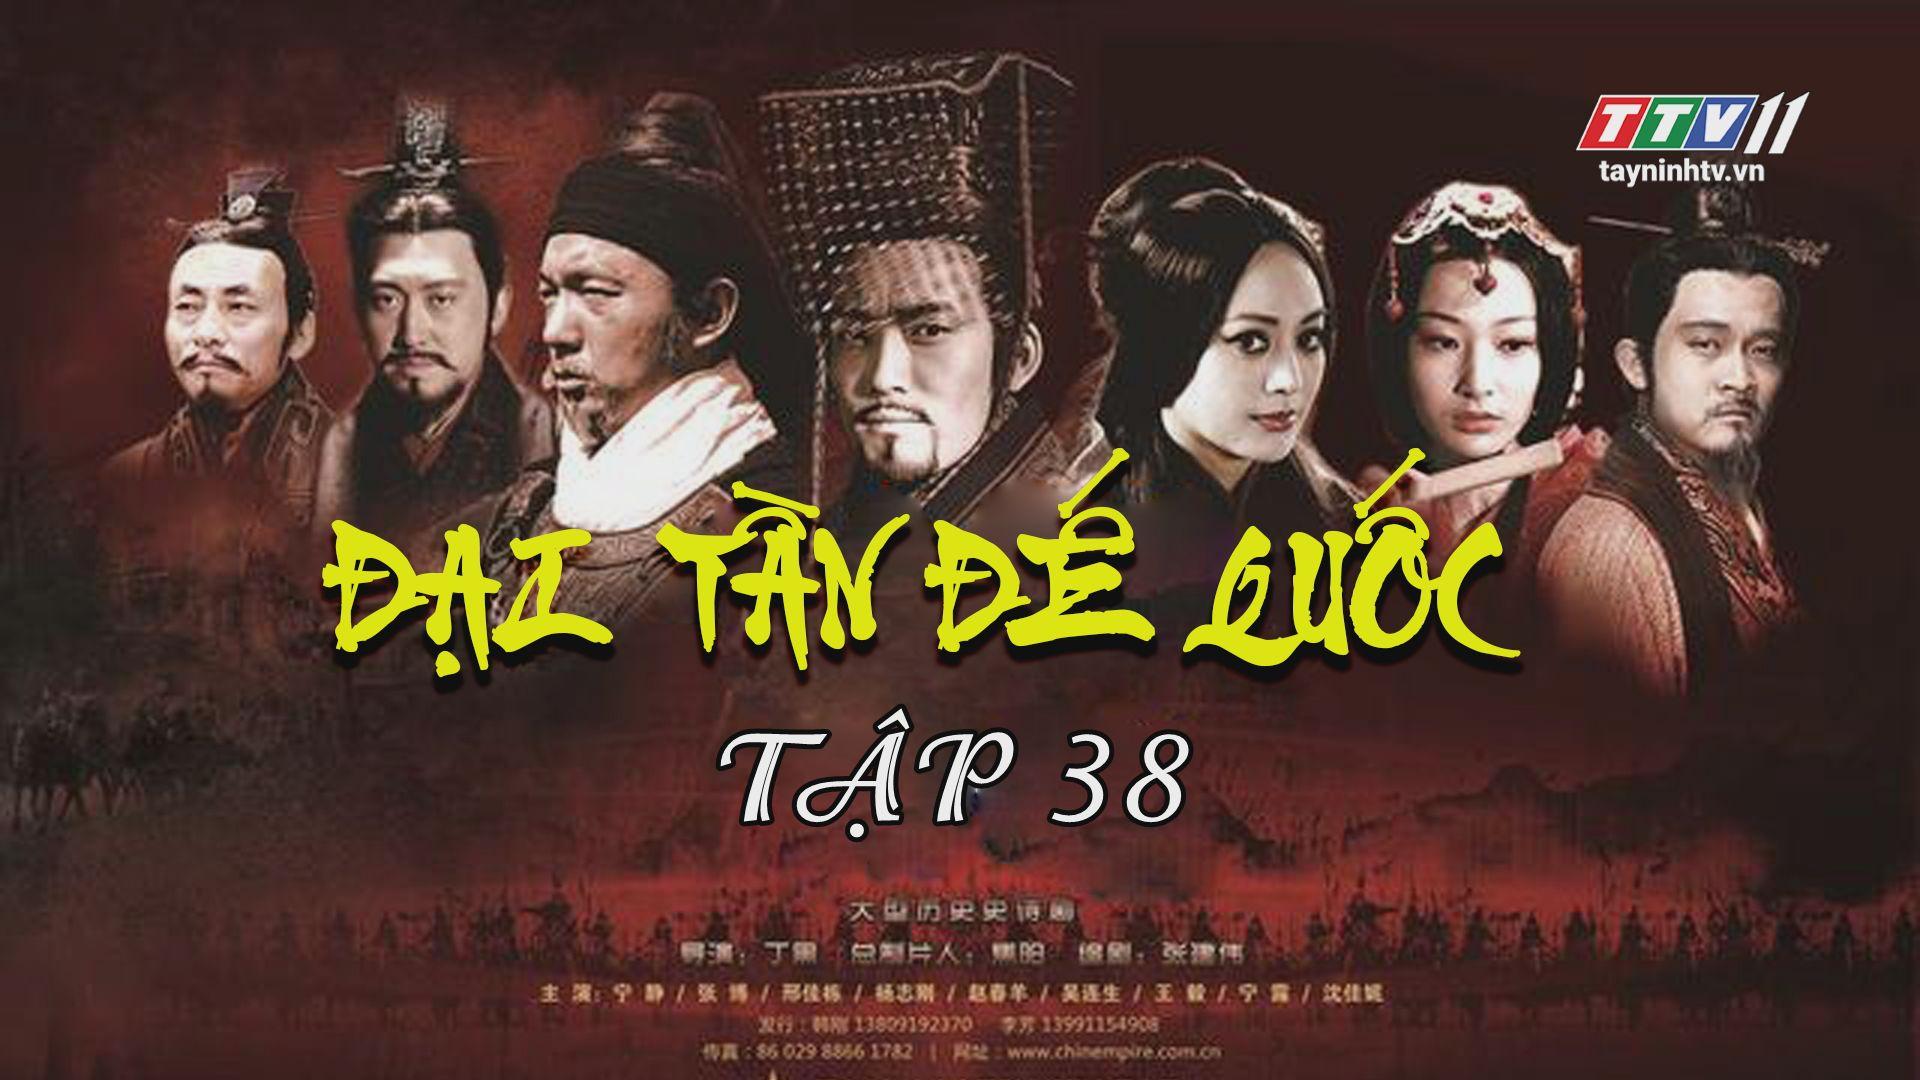 Tập 38 | ĐẠI TẦN ĐẾ QUỐC - Phần 3 - QUẬT KHỞI - FULL HD | TayNinhTV